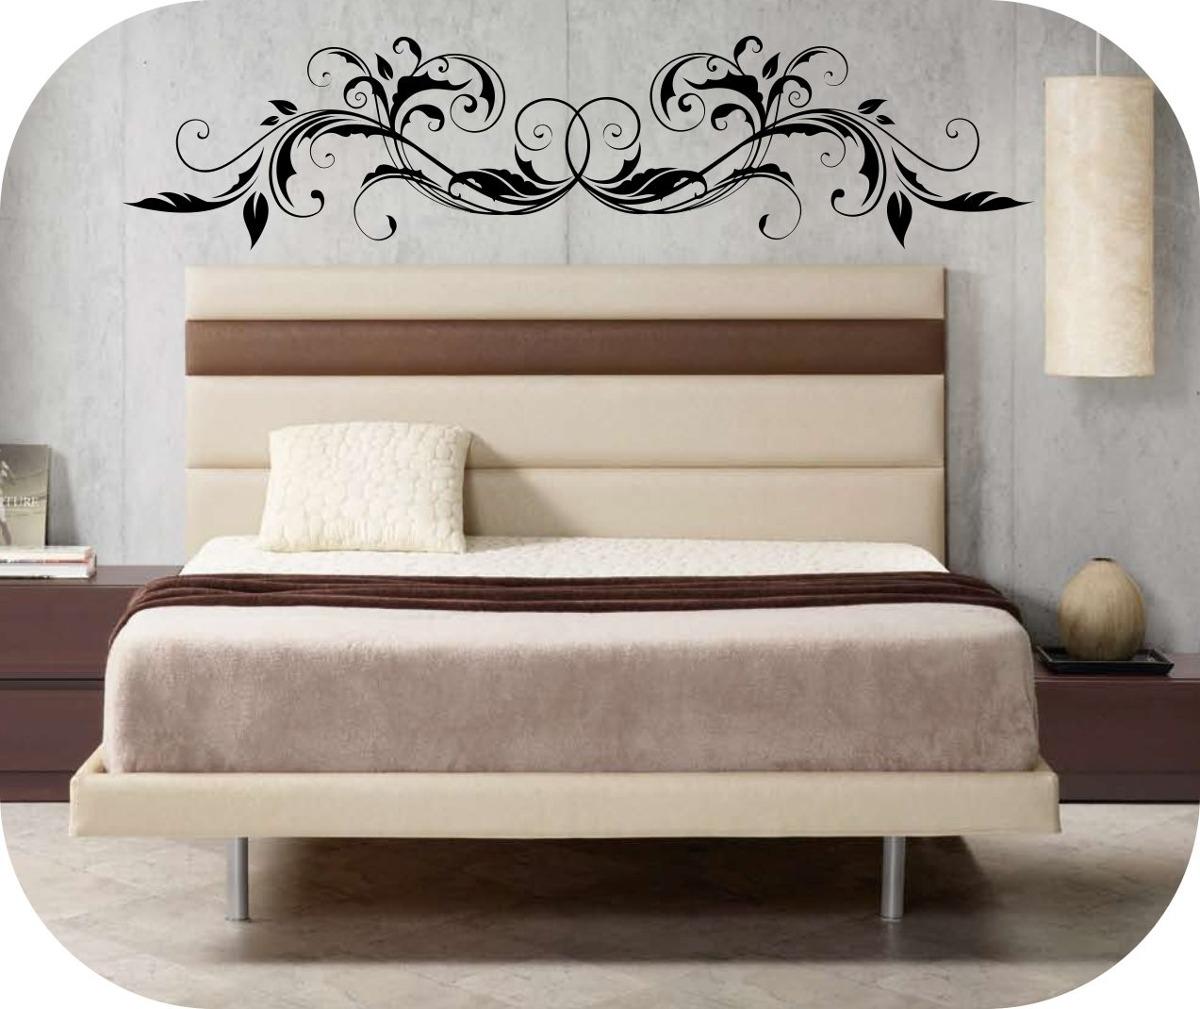 Vinilos decorativos cabeceros de camas decora tu pared for Vinilos cabeceros